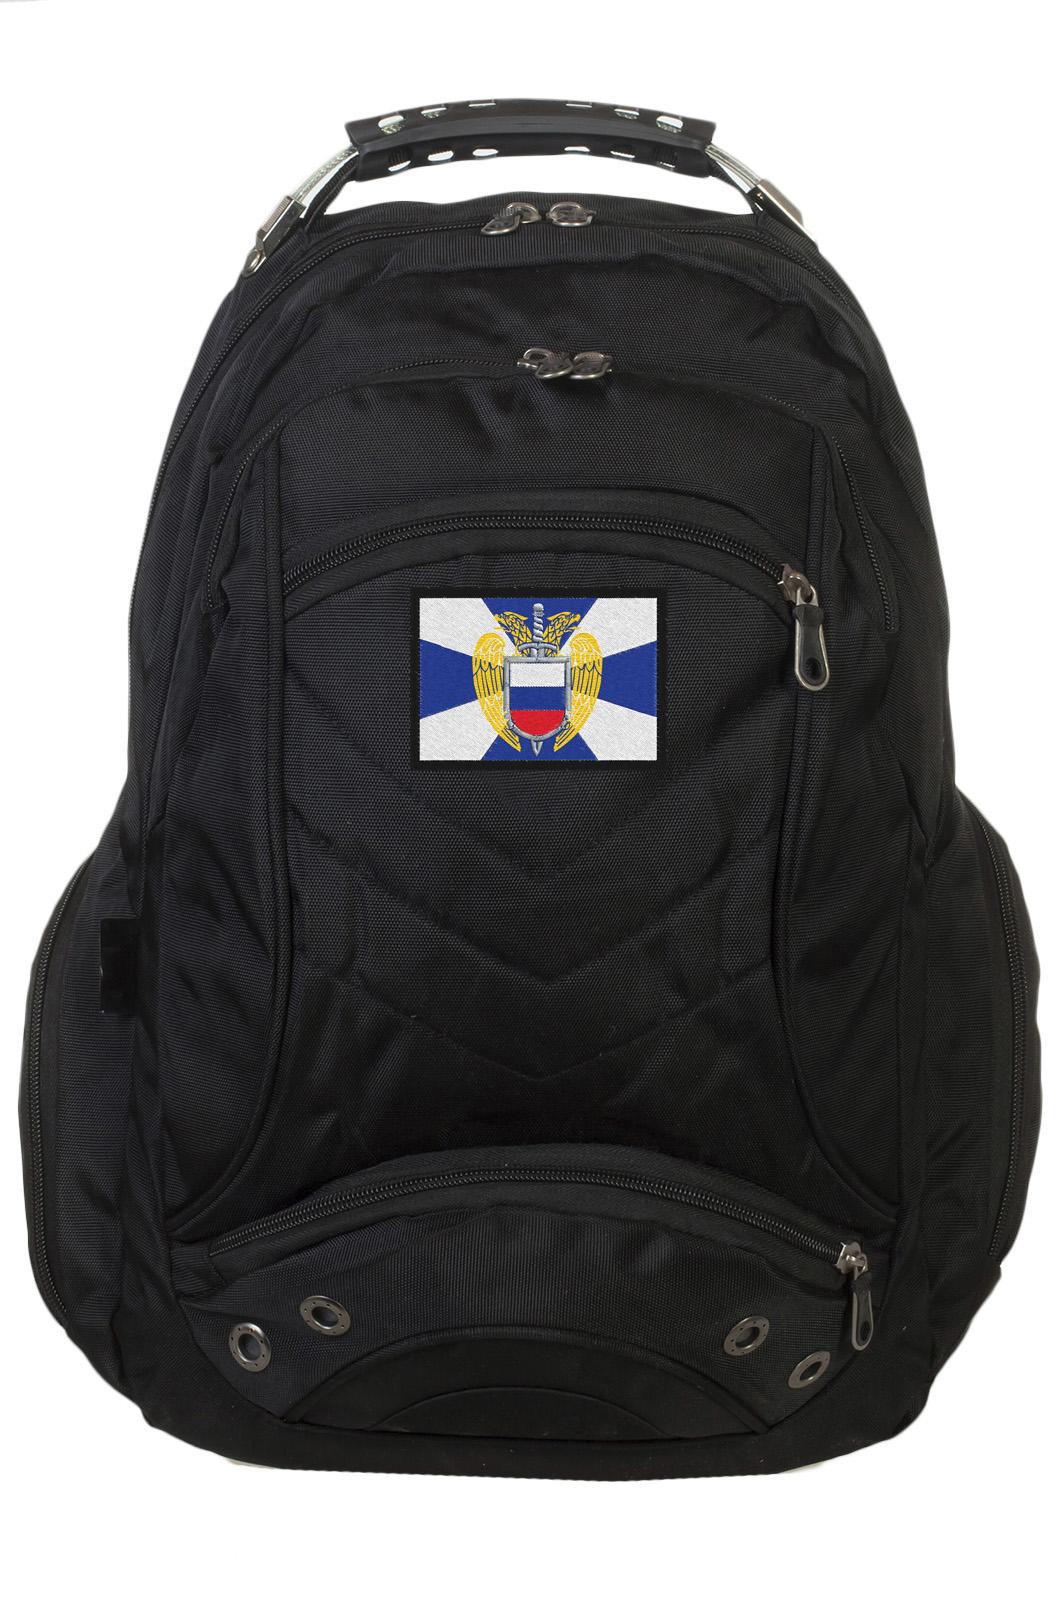 Четкий городской рюкзак с гербом ФСО